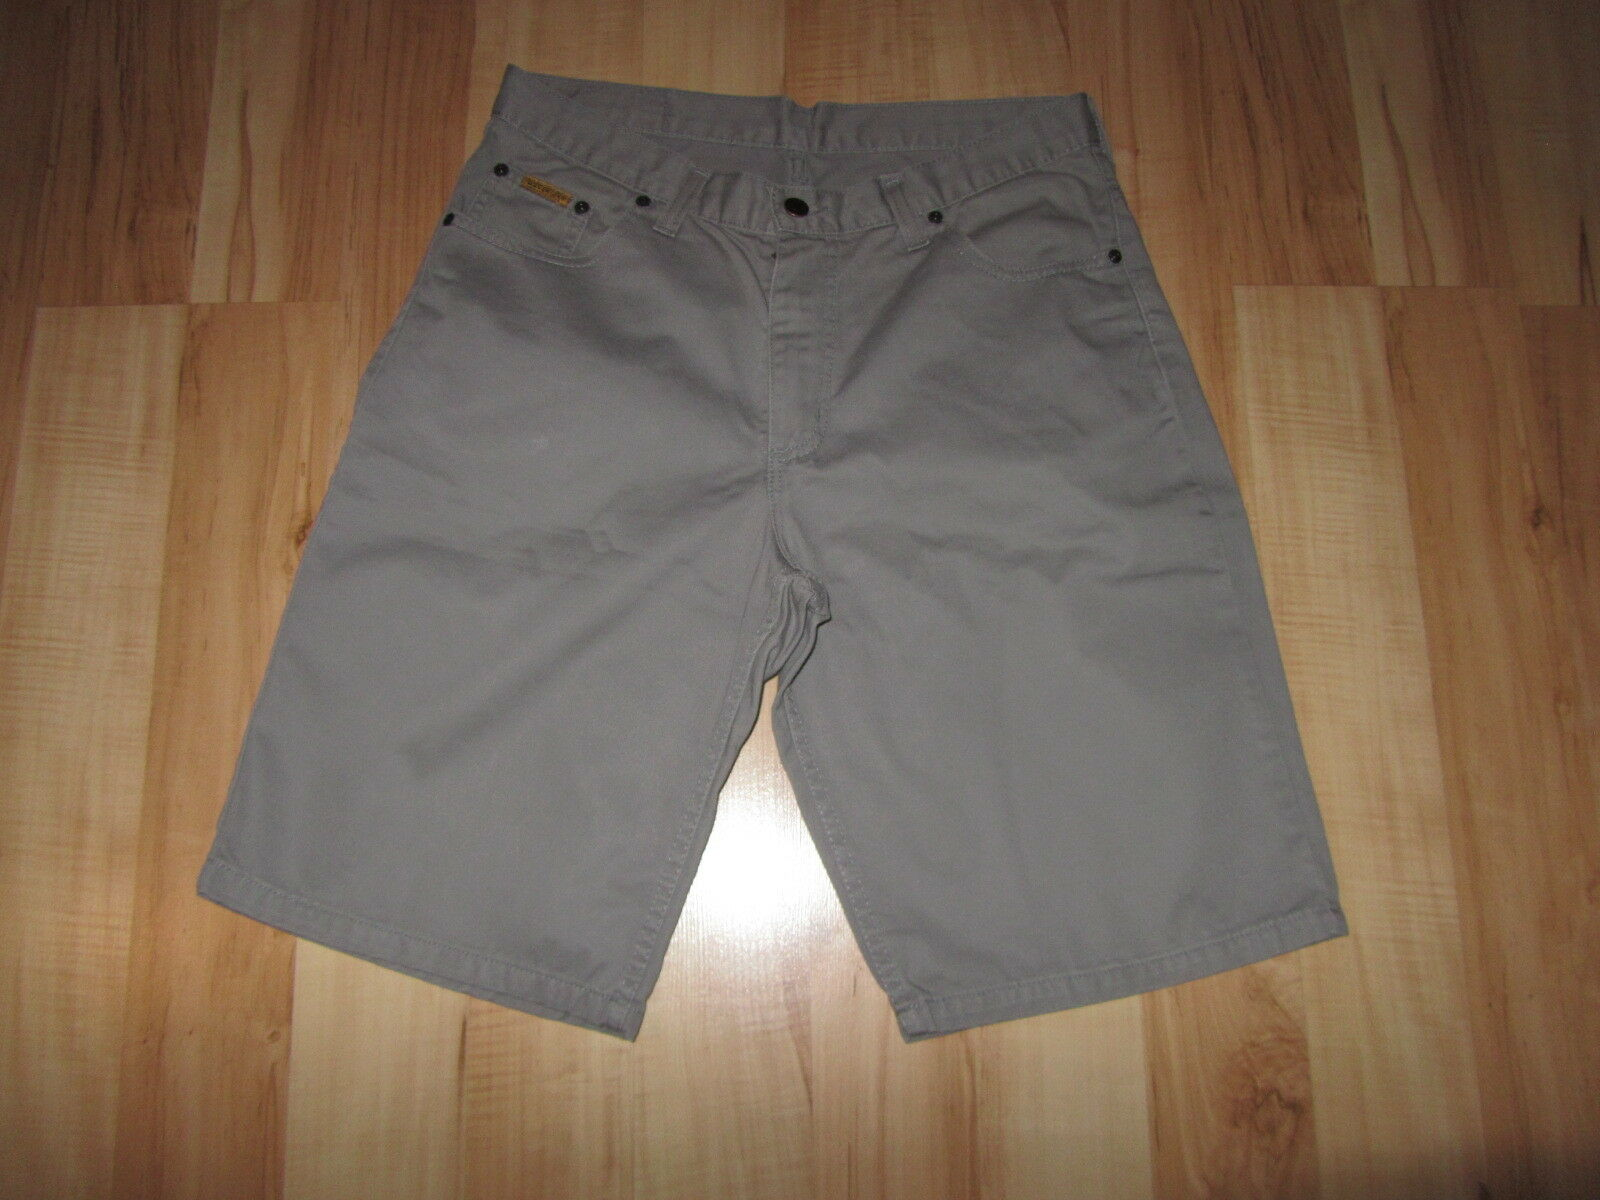 Damen Shorts, Größe 33